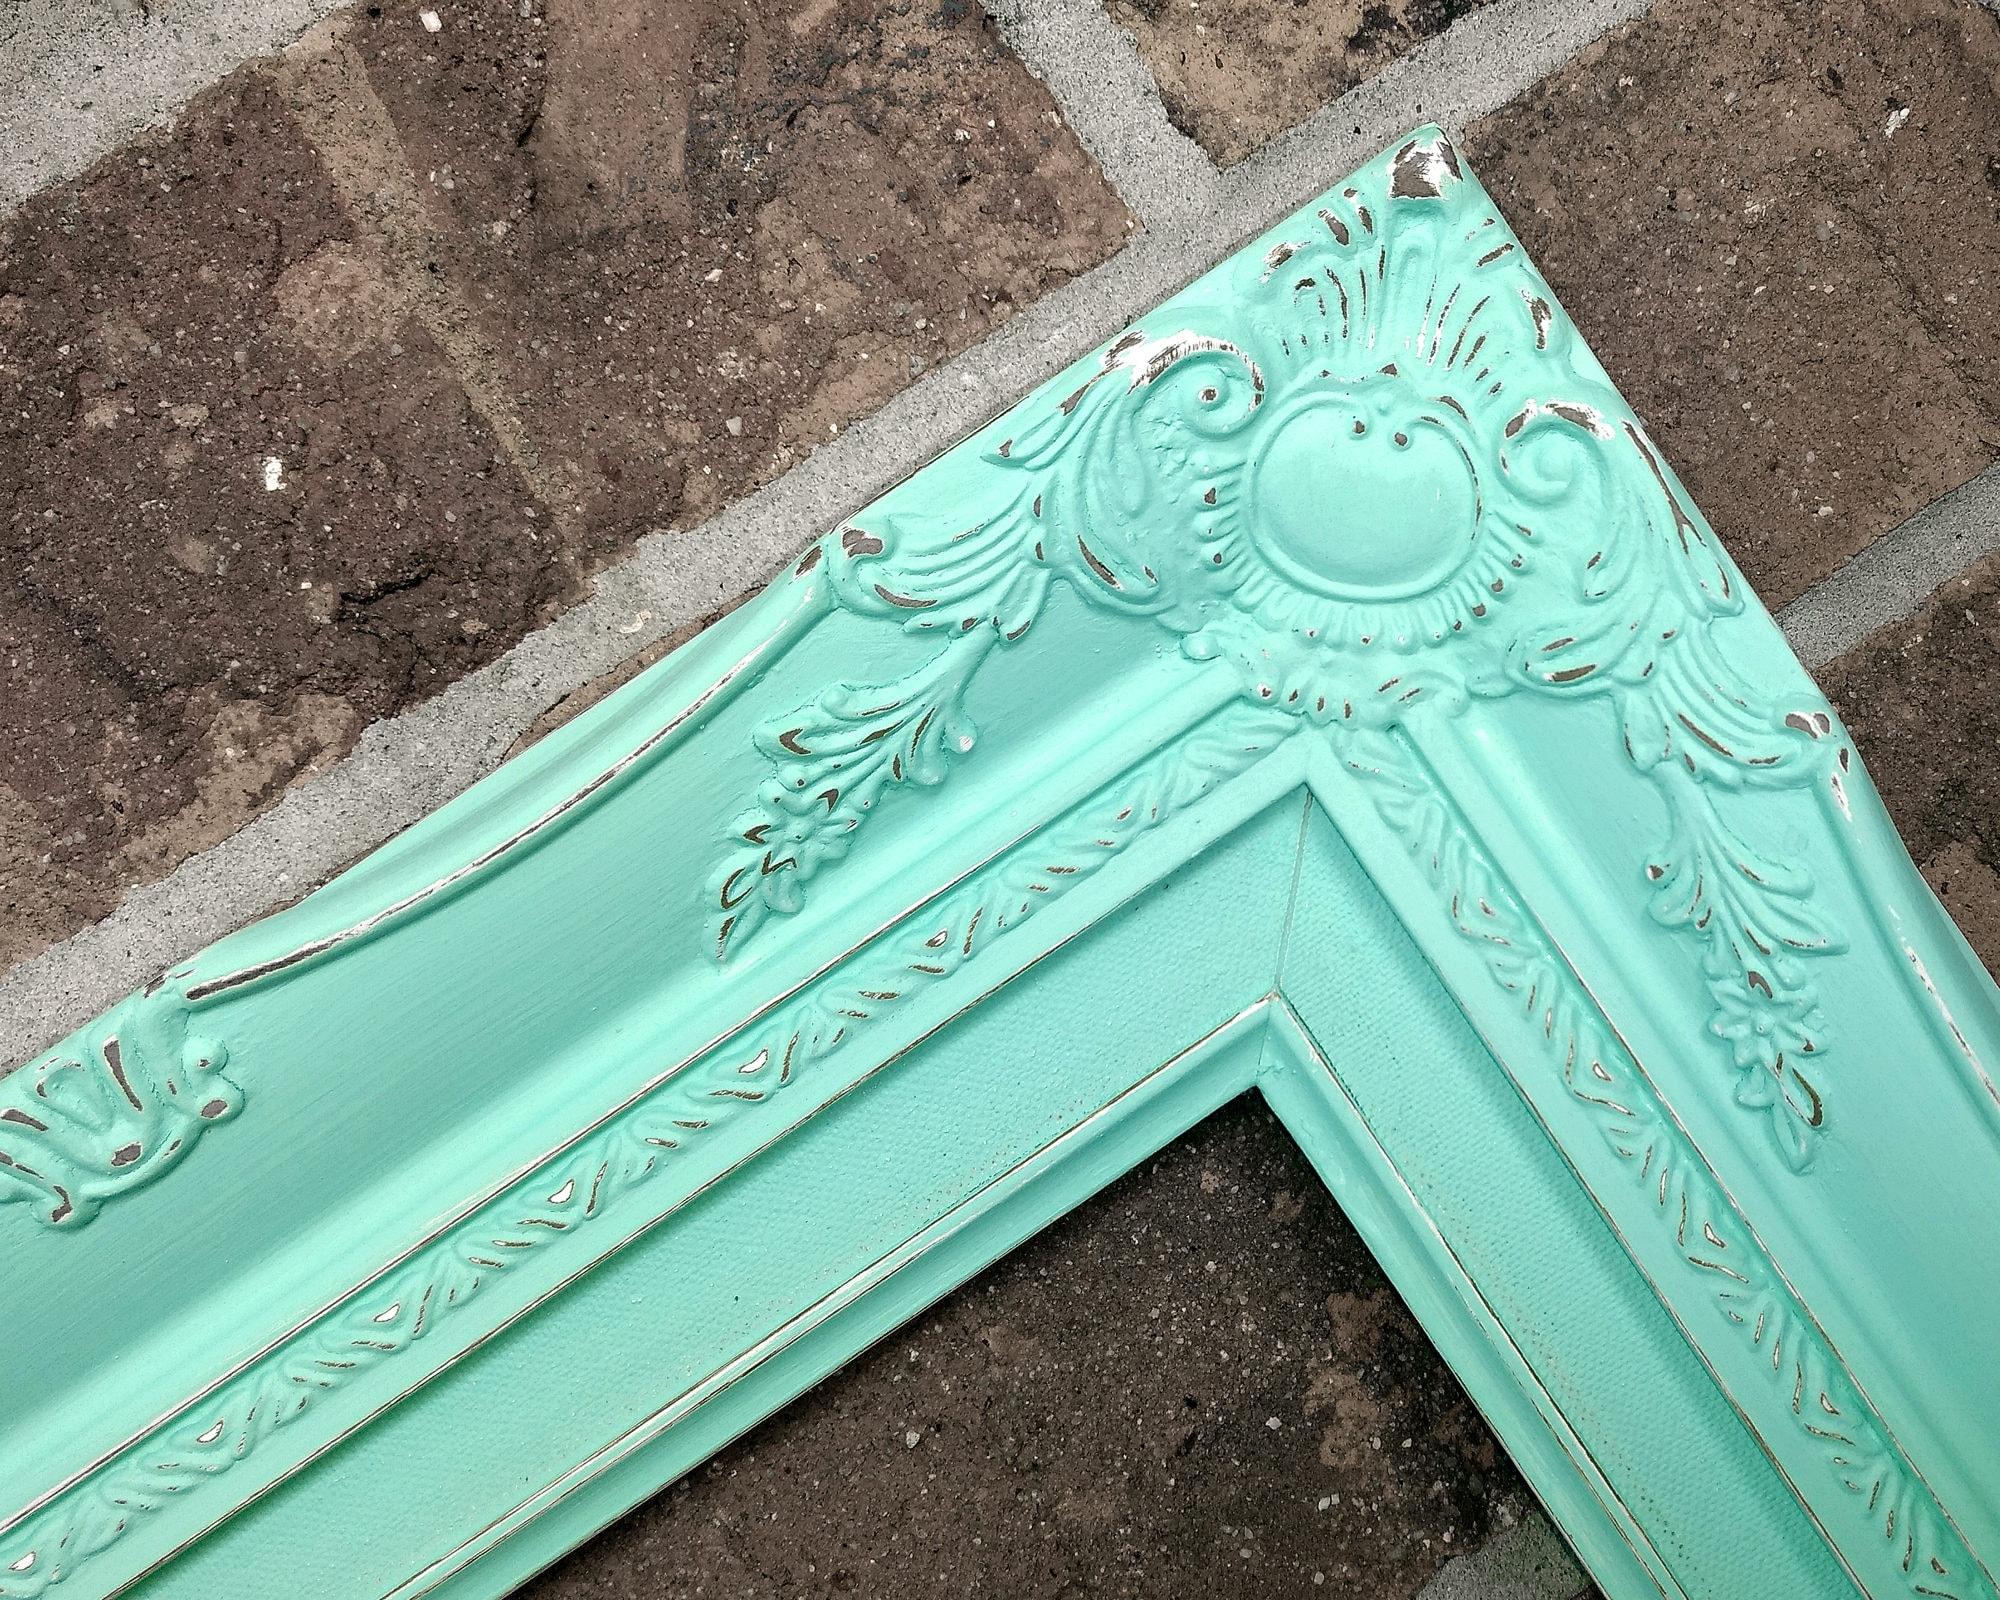 Dificultades madera menta verde cuadro marco detallado grueso ...